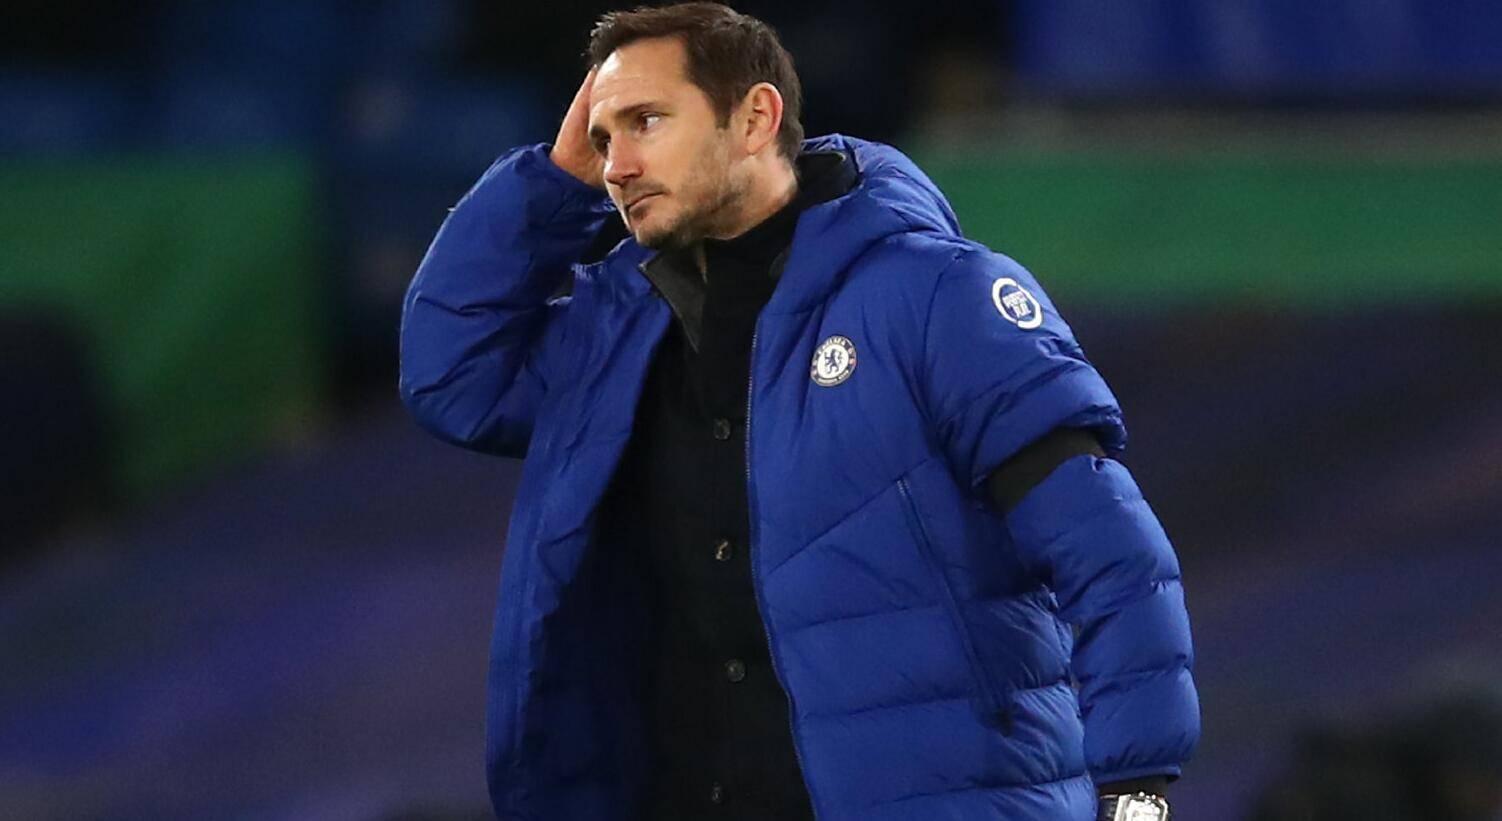 英媒:切尔西即将解雇兰帕德 已暂停球队训练